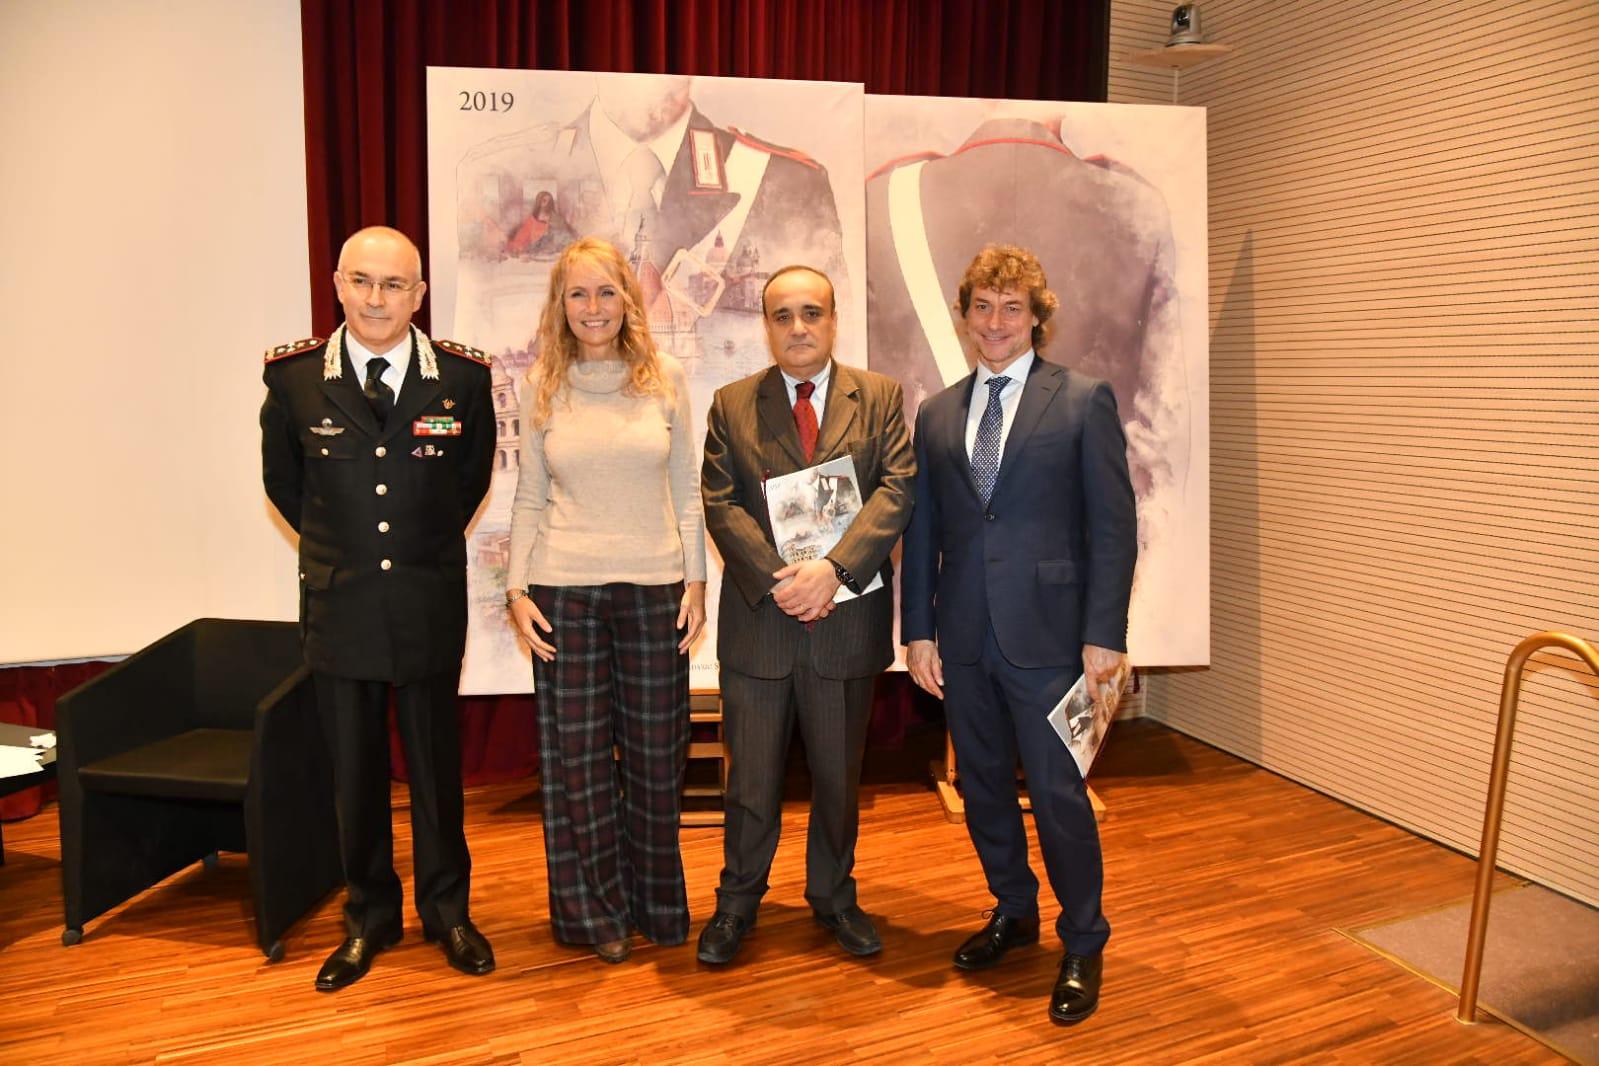 Calendario Storico Carabinieri 2019.Fotogallery I Carabinieri Presentano Il Calendario Storico